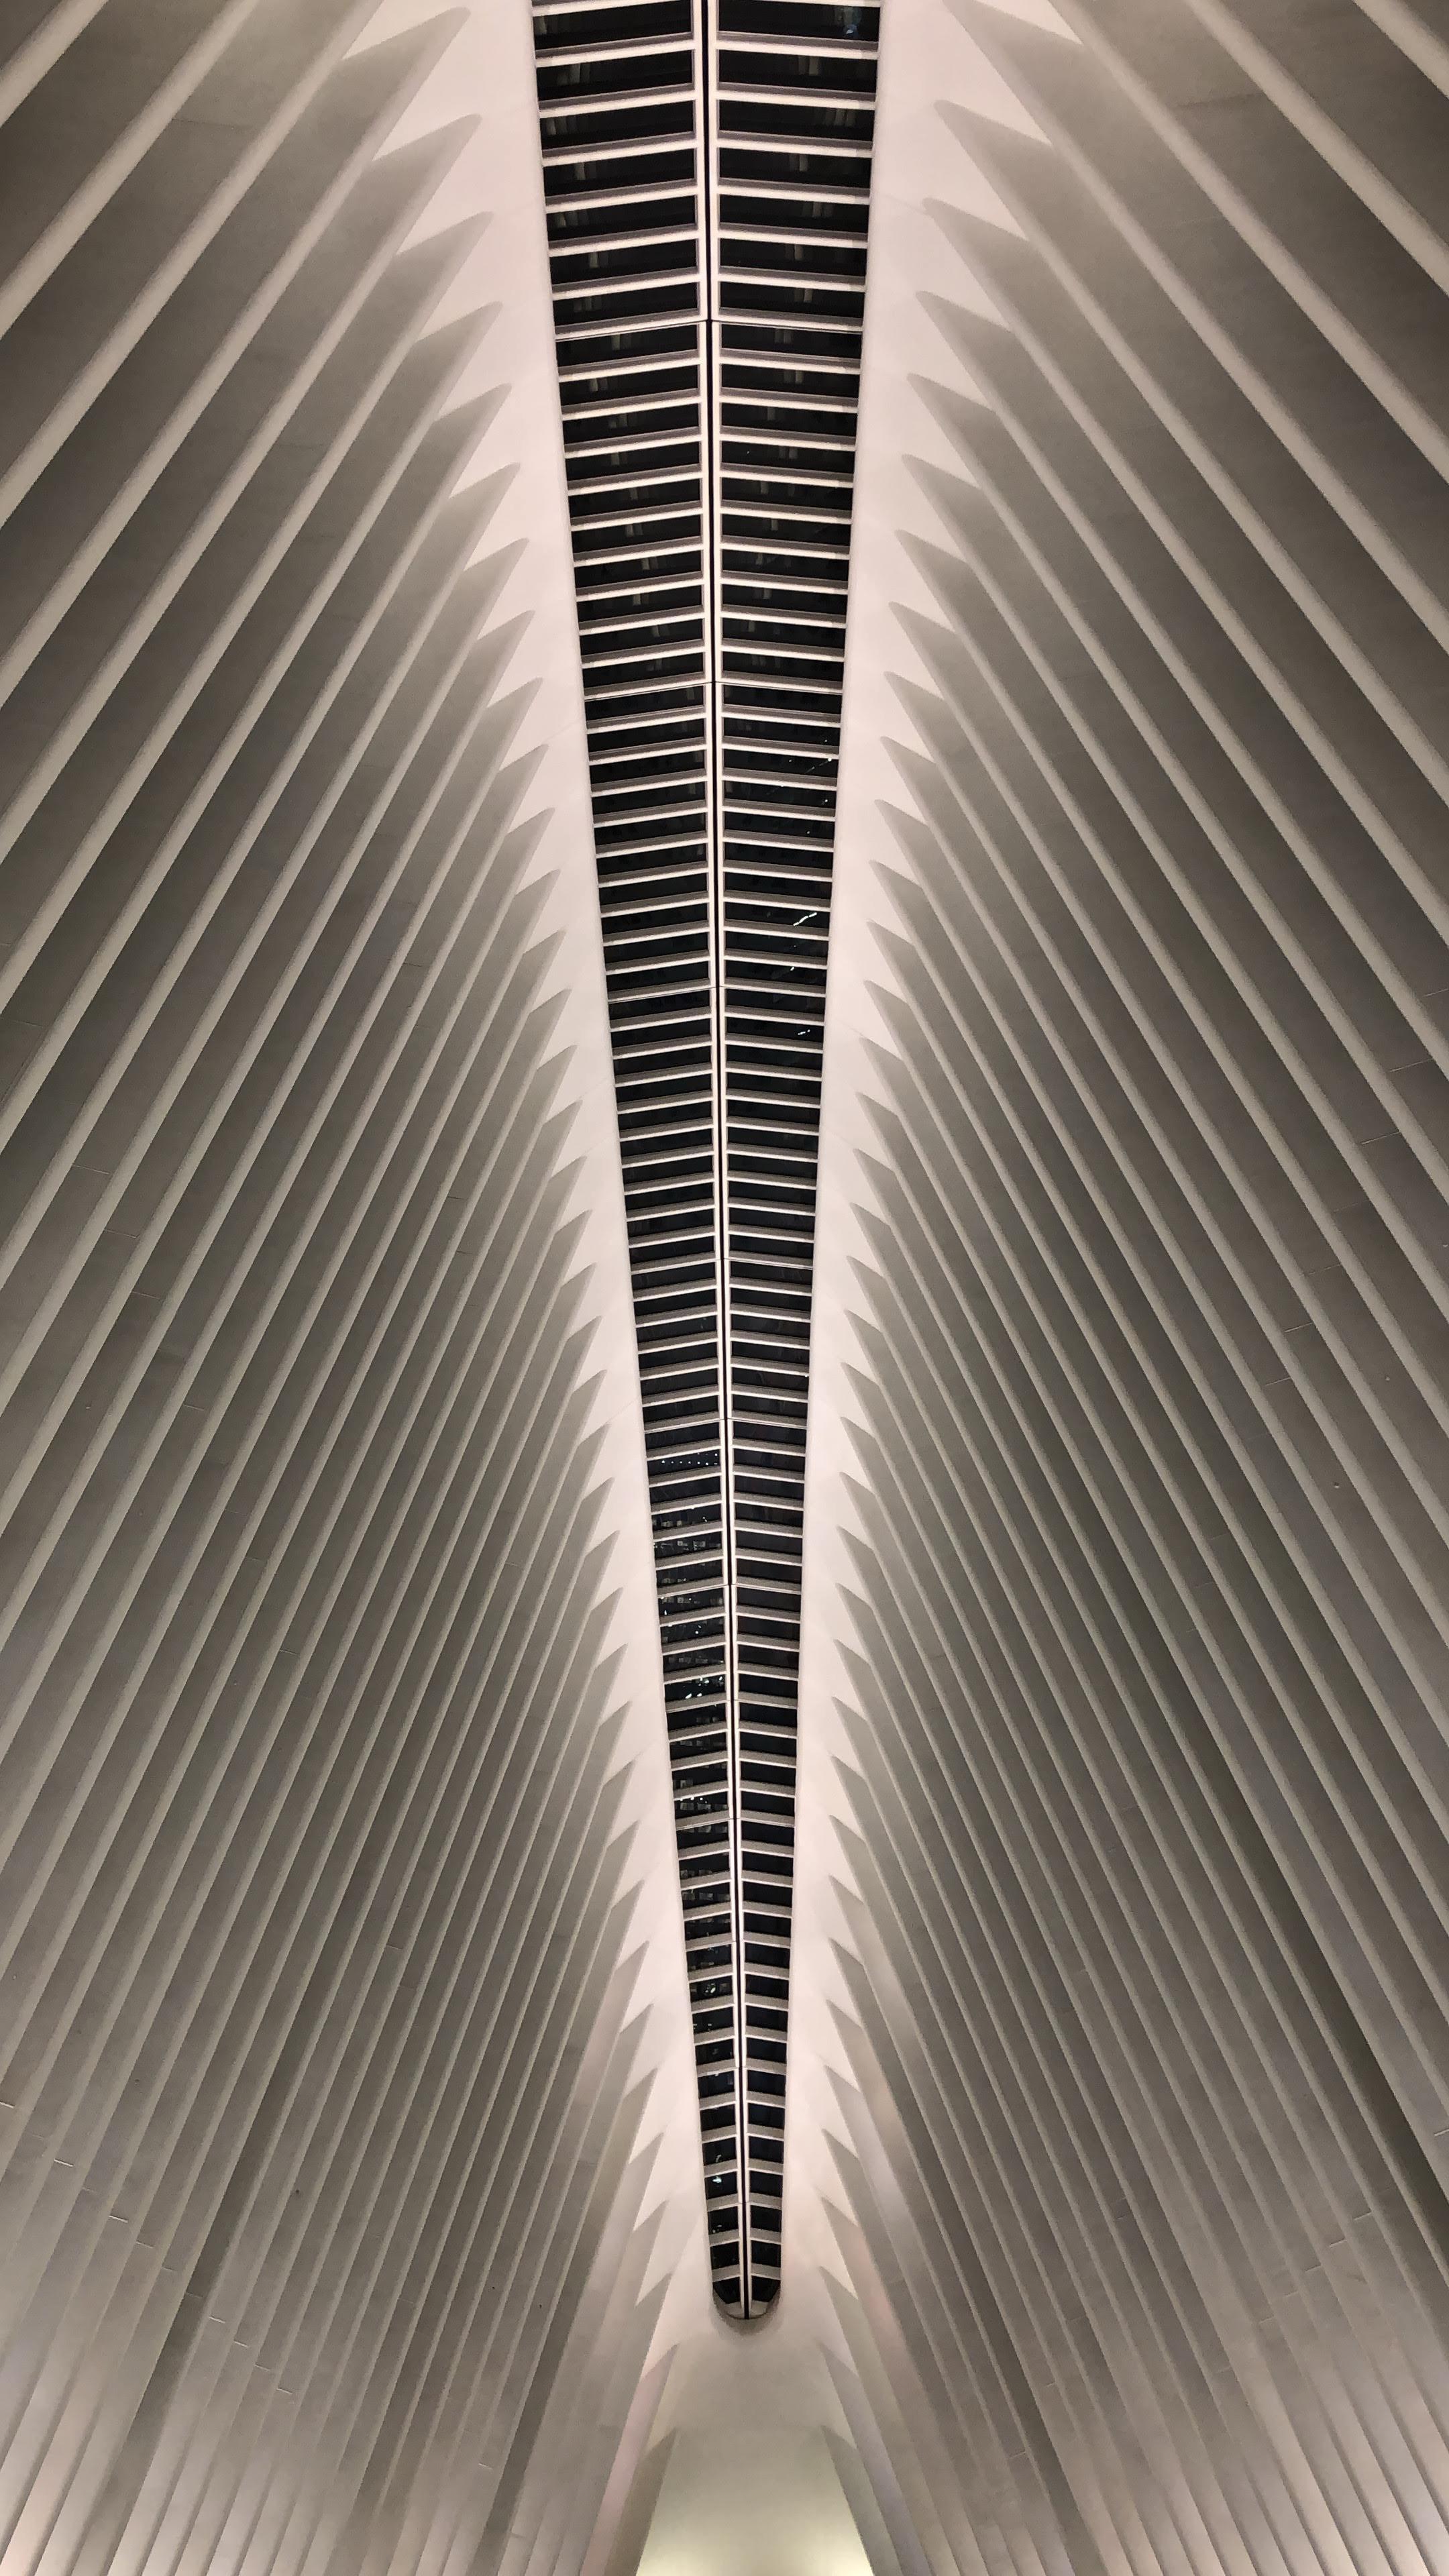 911 memorial upside down v at night